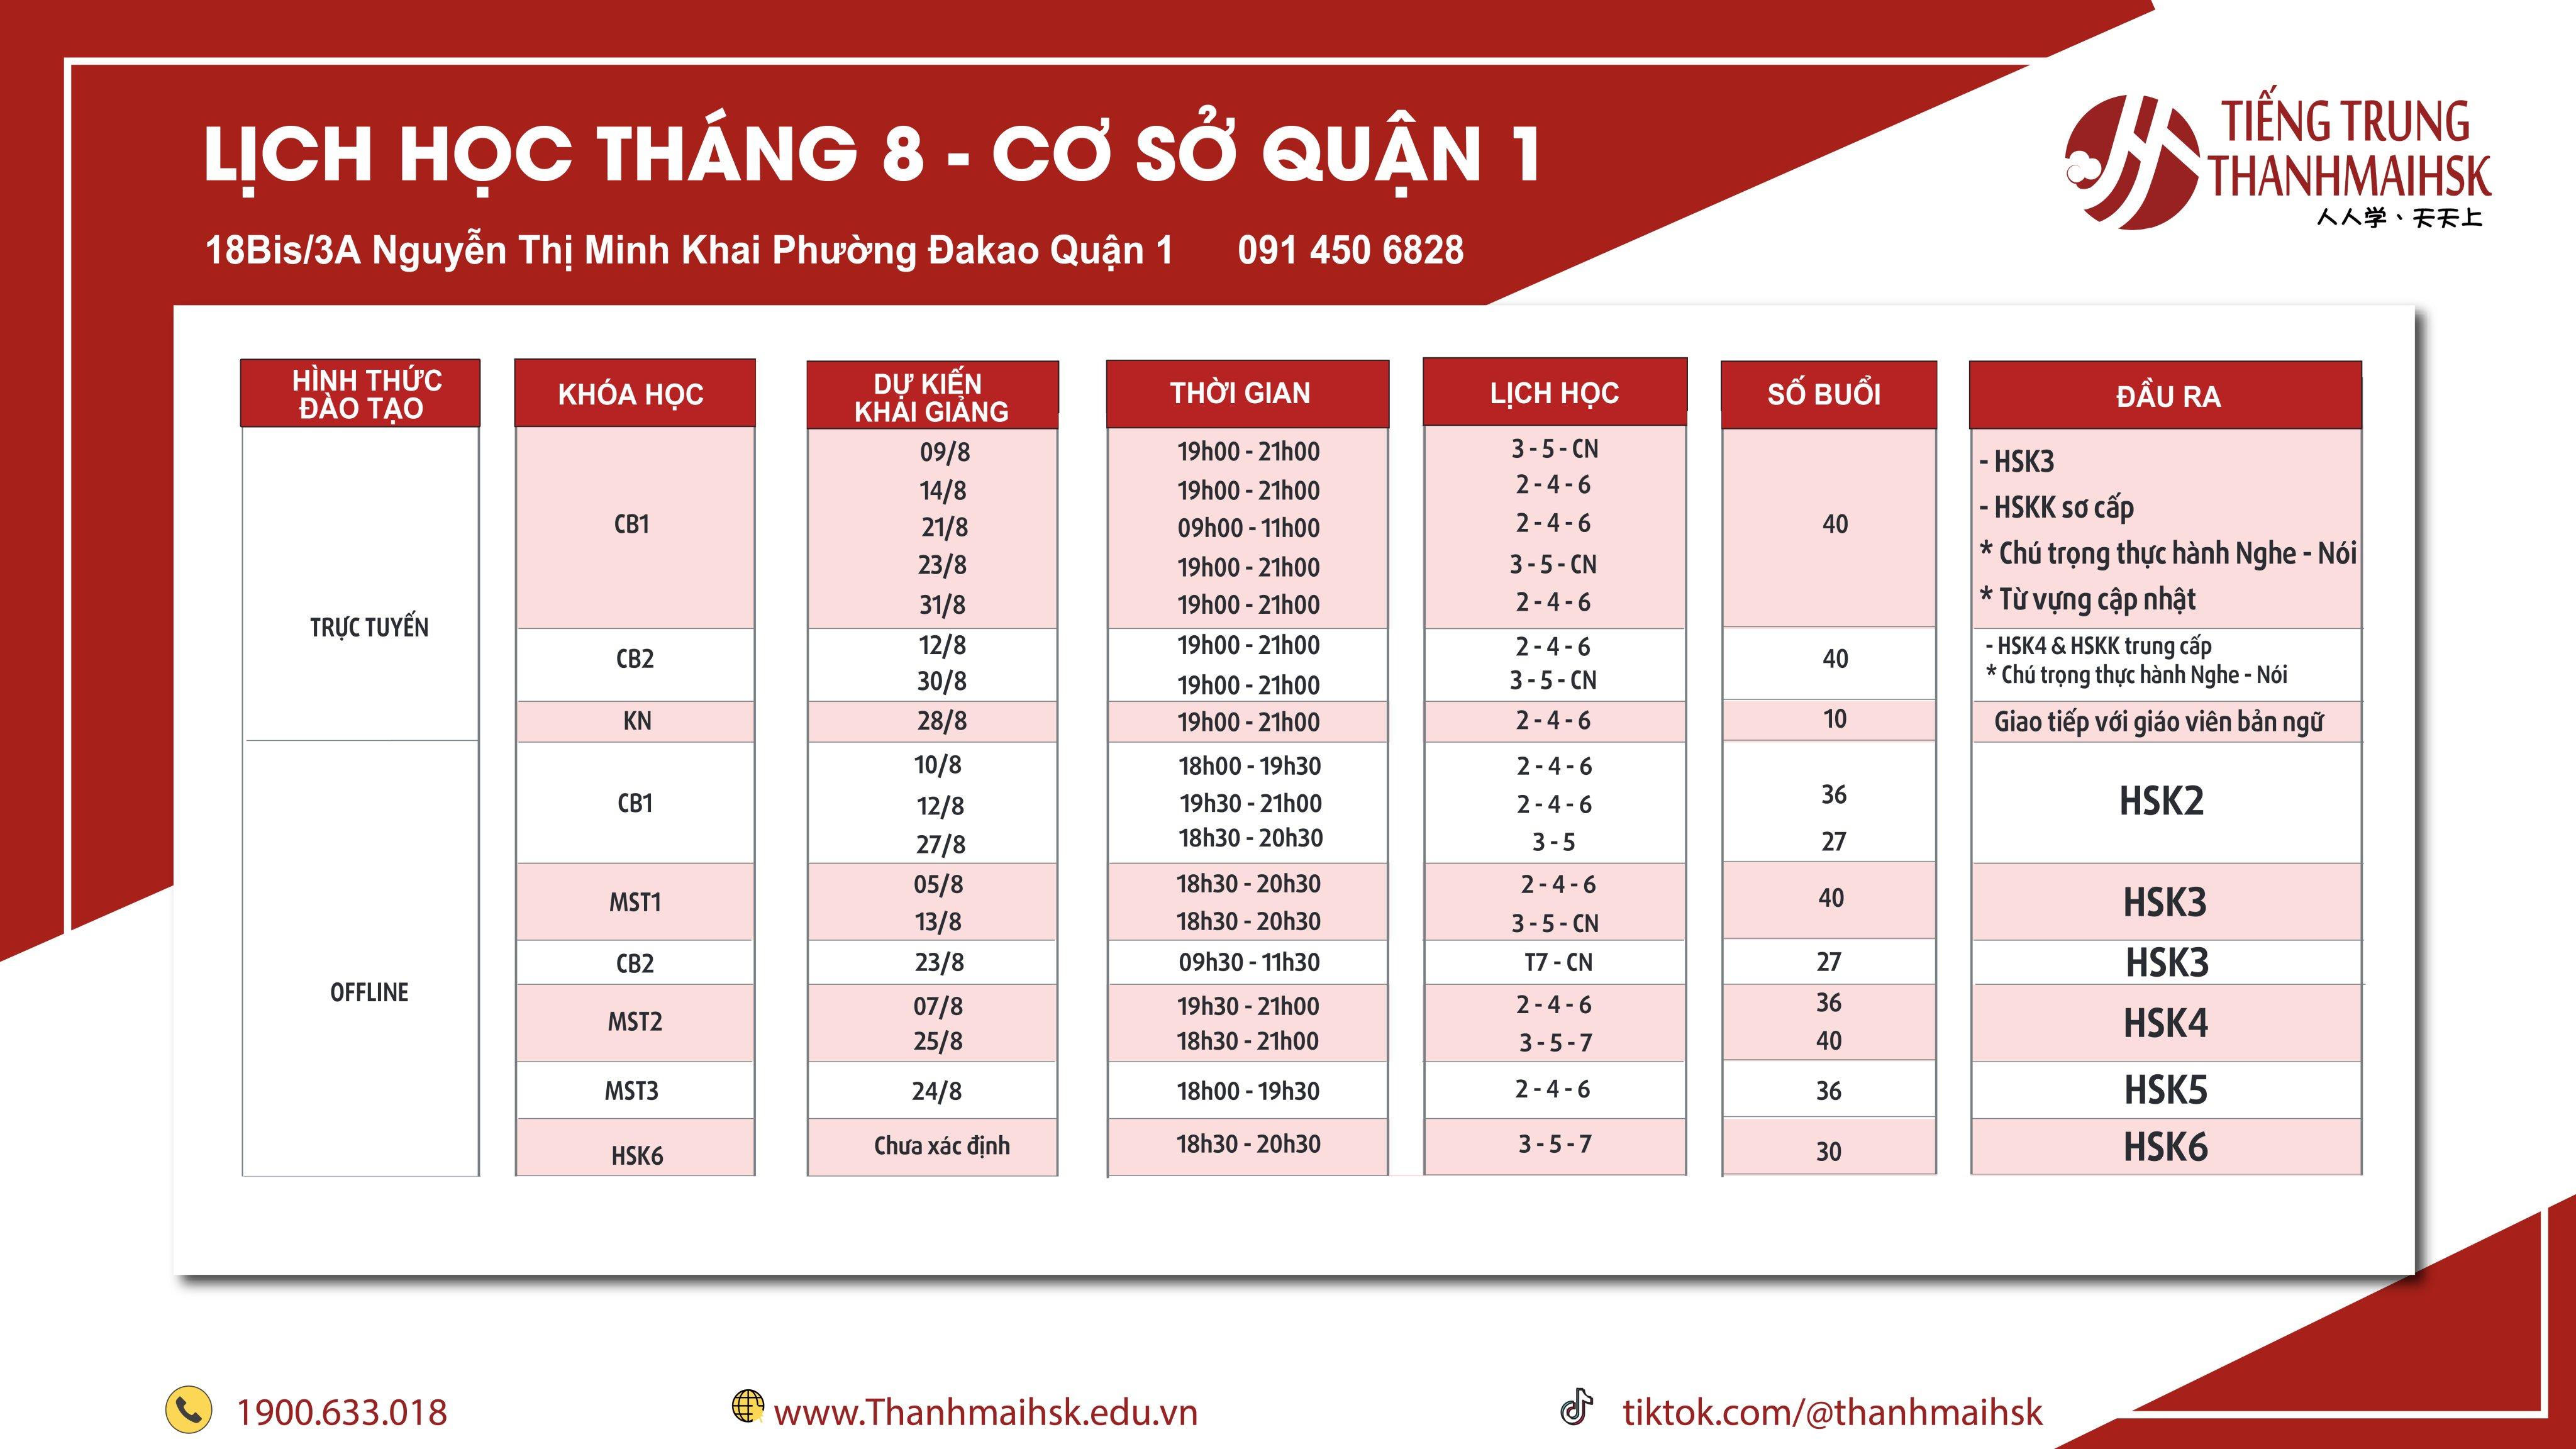 Lịch khai giảng Tiếng Trung tháng 8/2020 cơ sở Quận 1| Thanhmaihsk